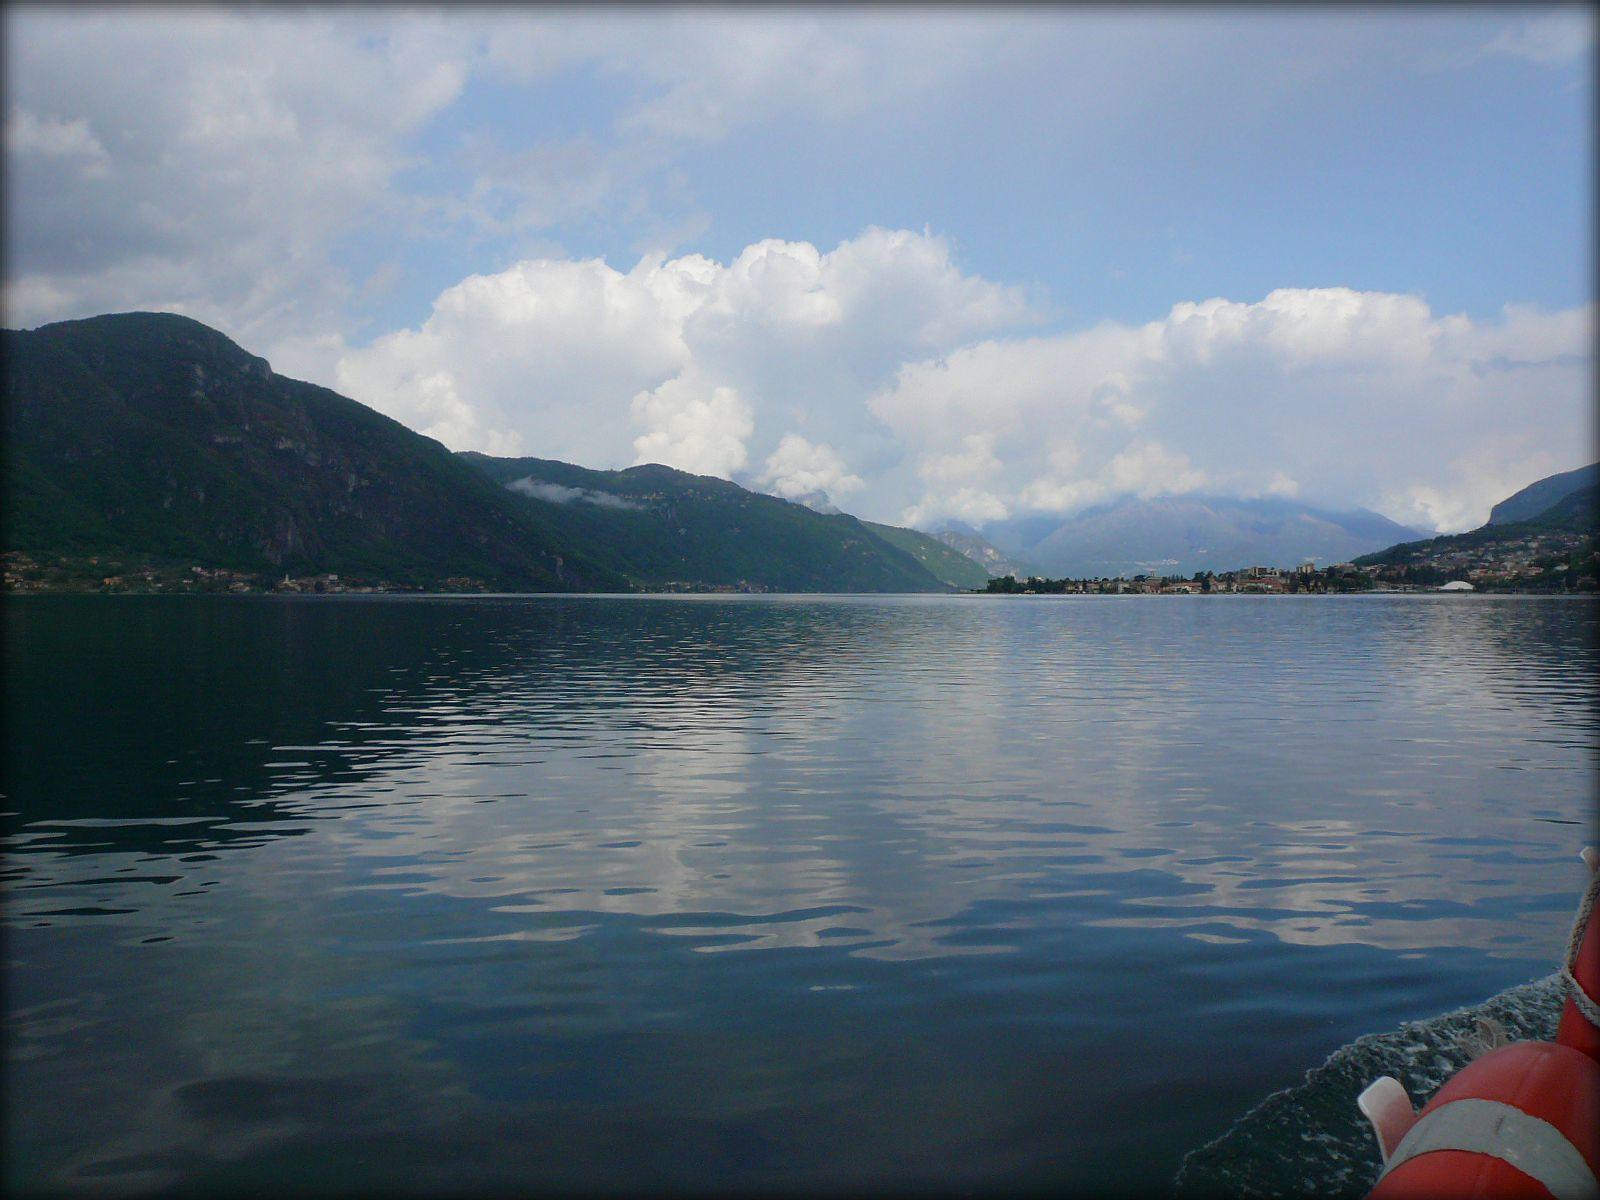 Lac de come depuis le bateau